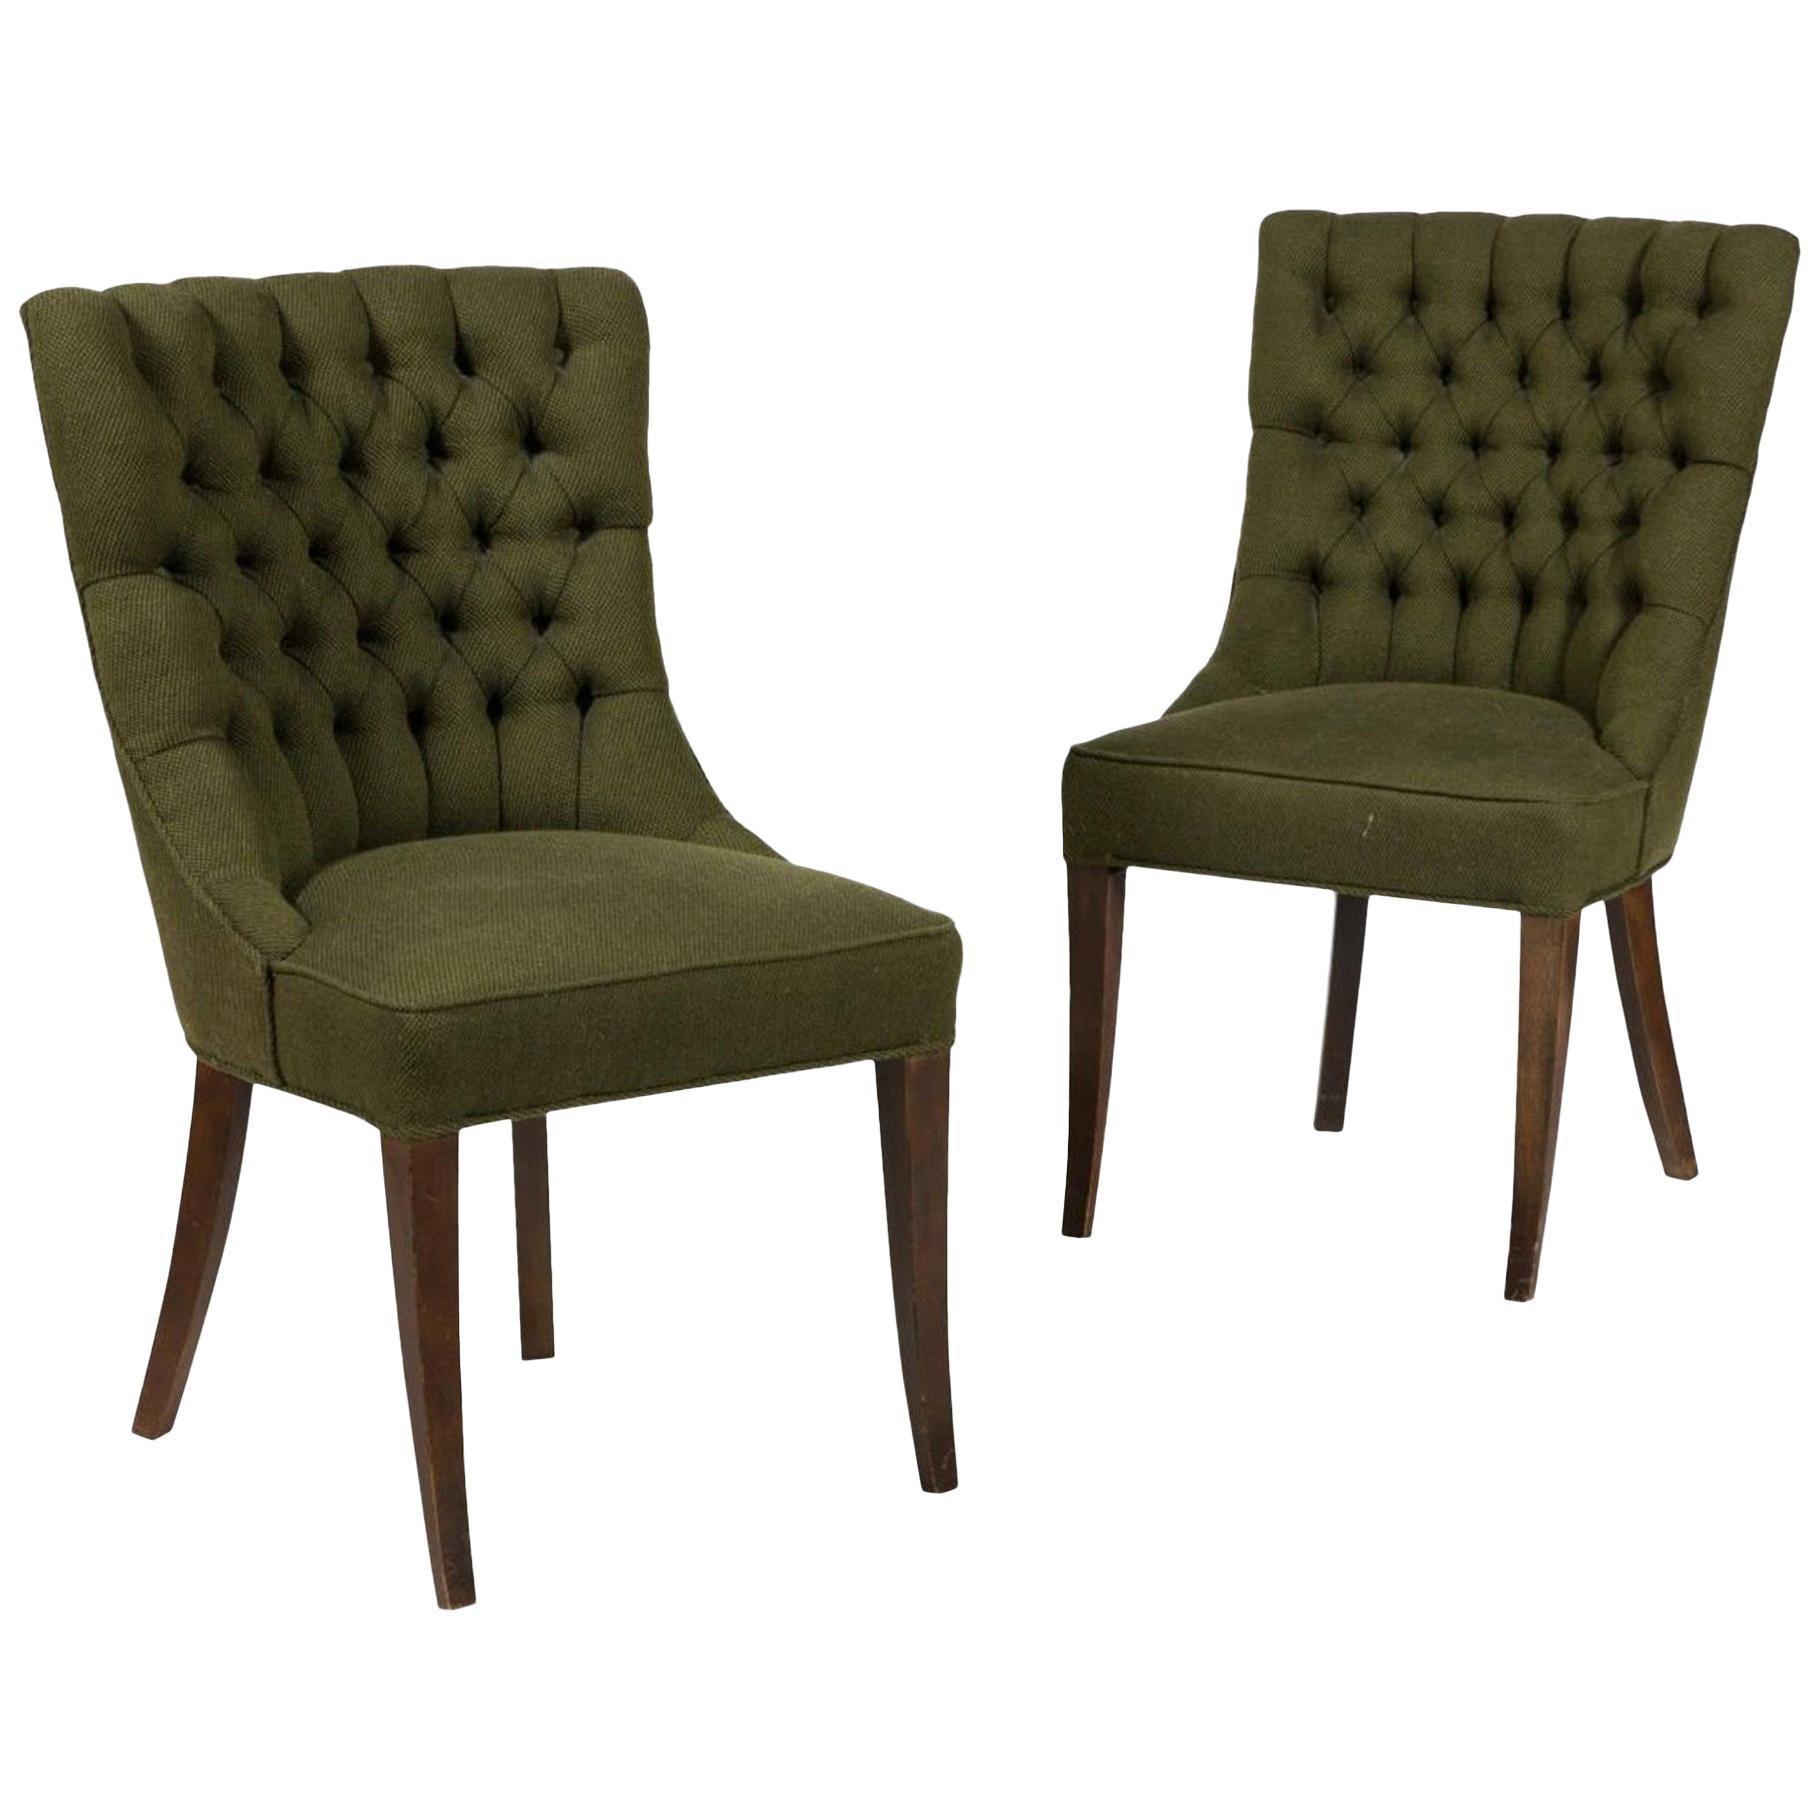 John Stuart Tufted High Back Hunter Green High Back Slipper Chair, Midcentury